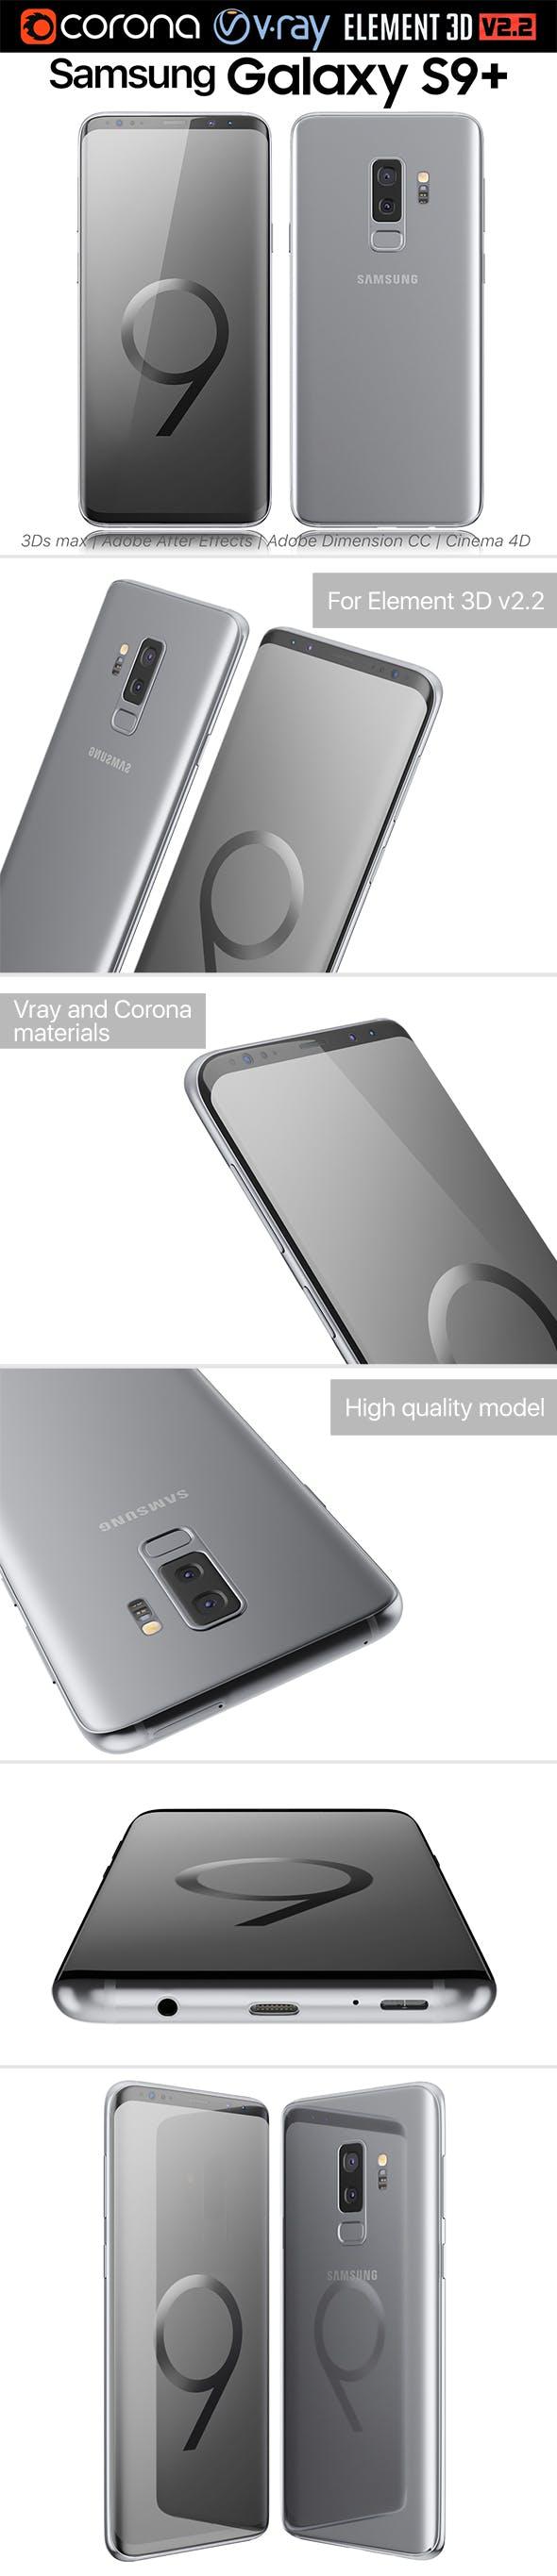 Samsung Galaxy S9 PLUS Titanium Gray - 3DOcean Item for Sale